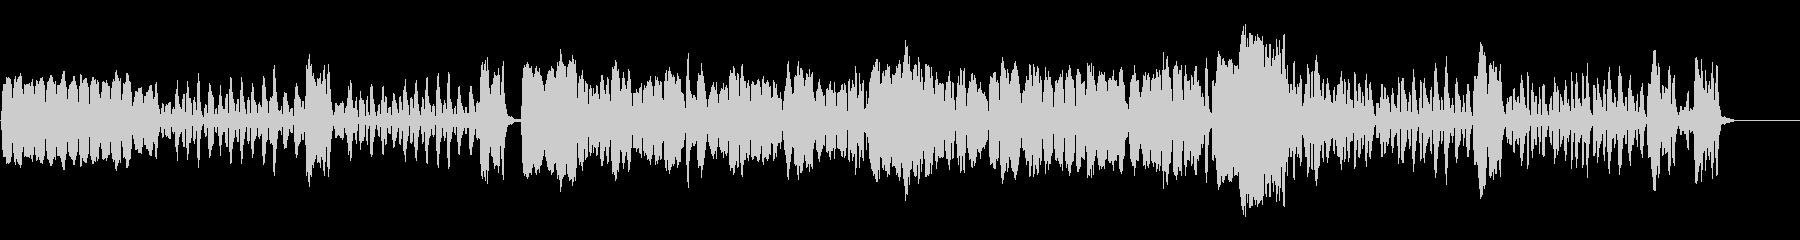 軽快なリコーダー曲の未再生の波形